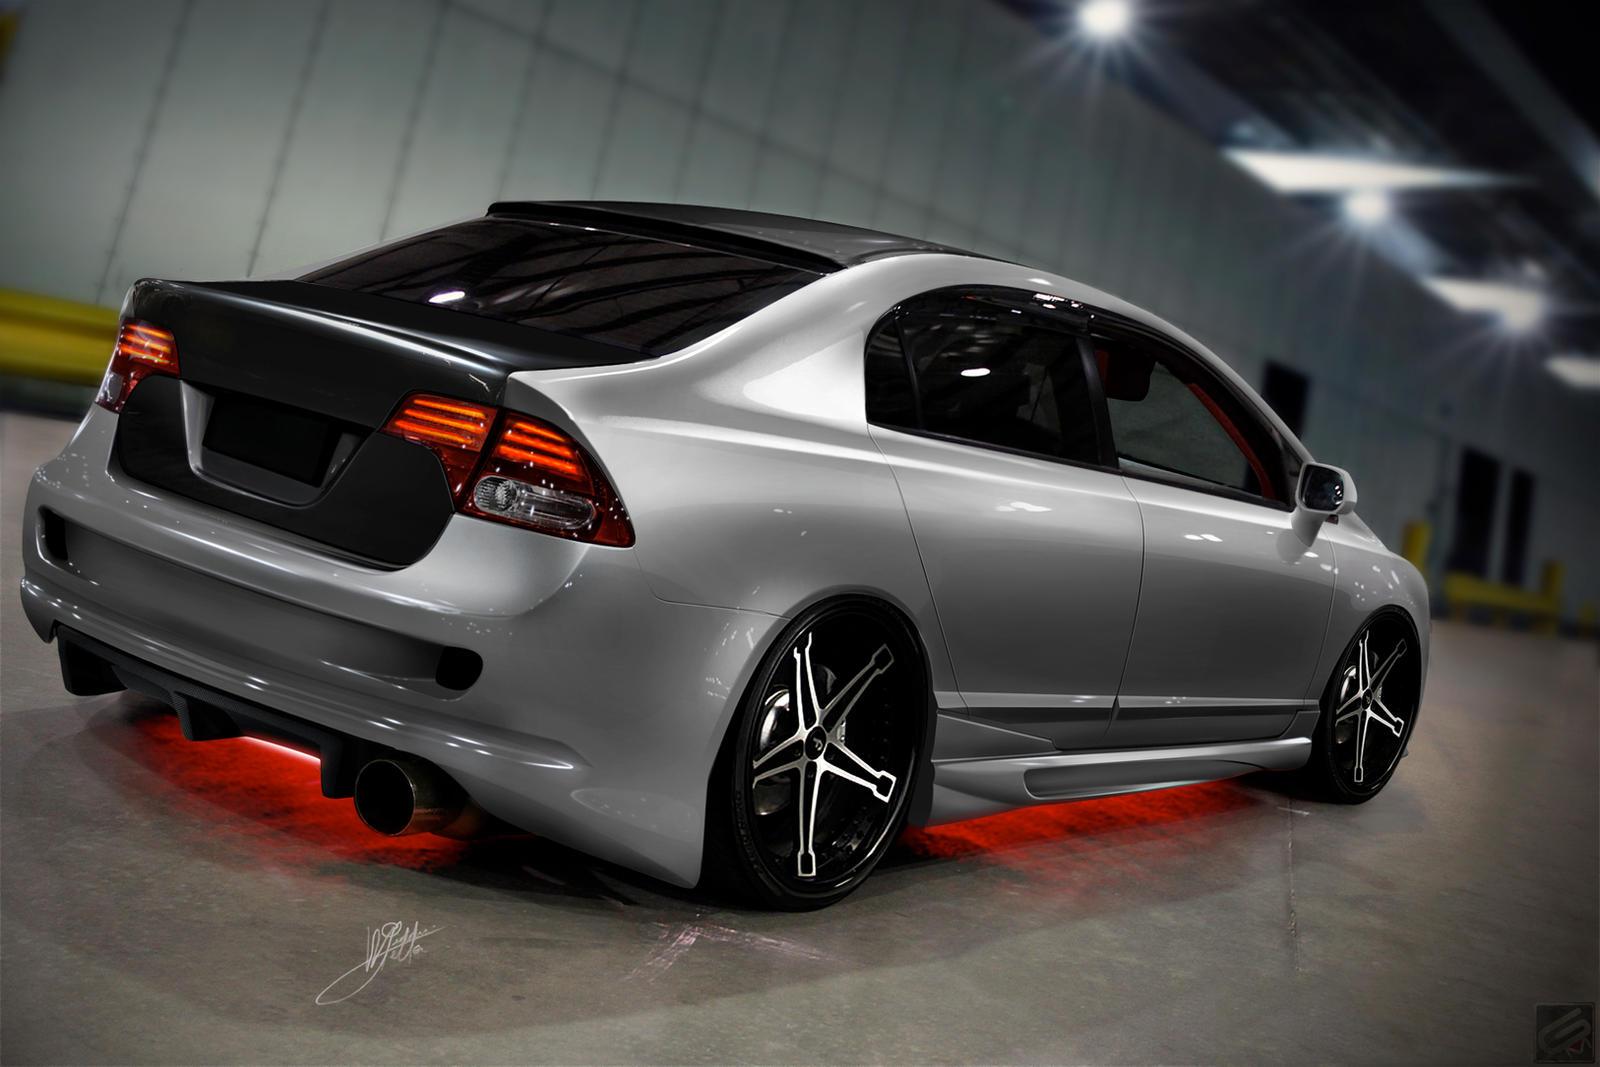 Honda civic by samuvt on deviantart for Honda owner login